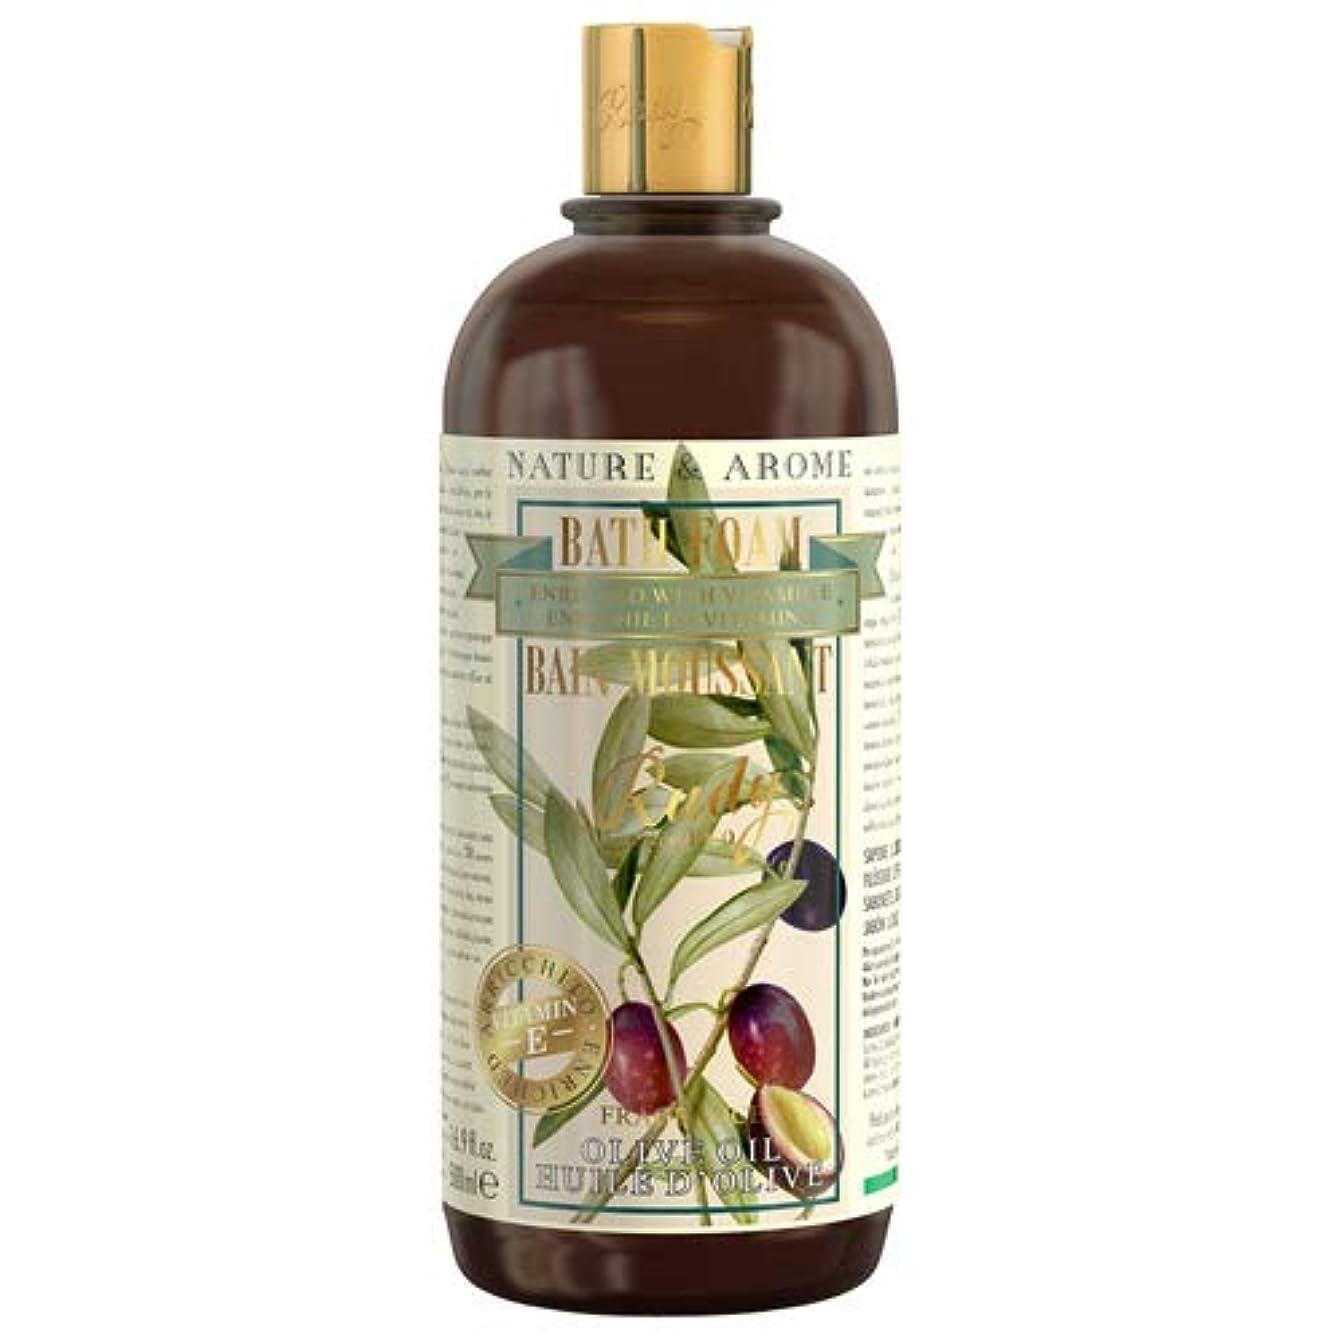 サスペンション宗教韓国語RUDY Nature&Arome Apothecary ネイチャーアロマ アポセカリー Bath & Shower Gel バス&シャワージェル Olive Oil オリーブオイル